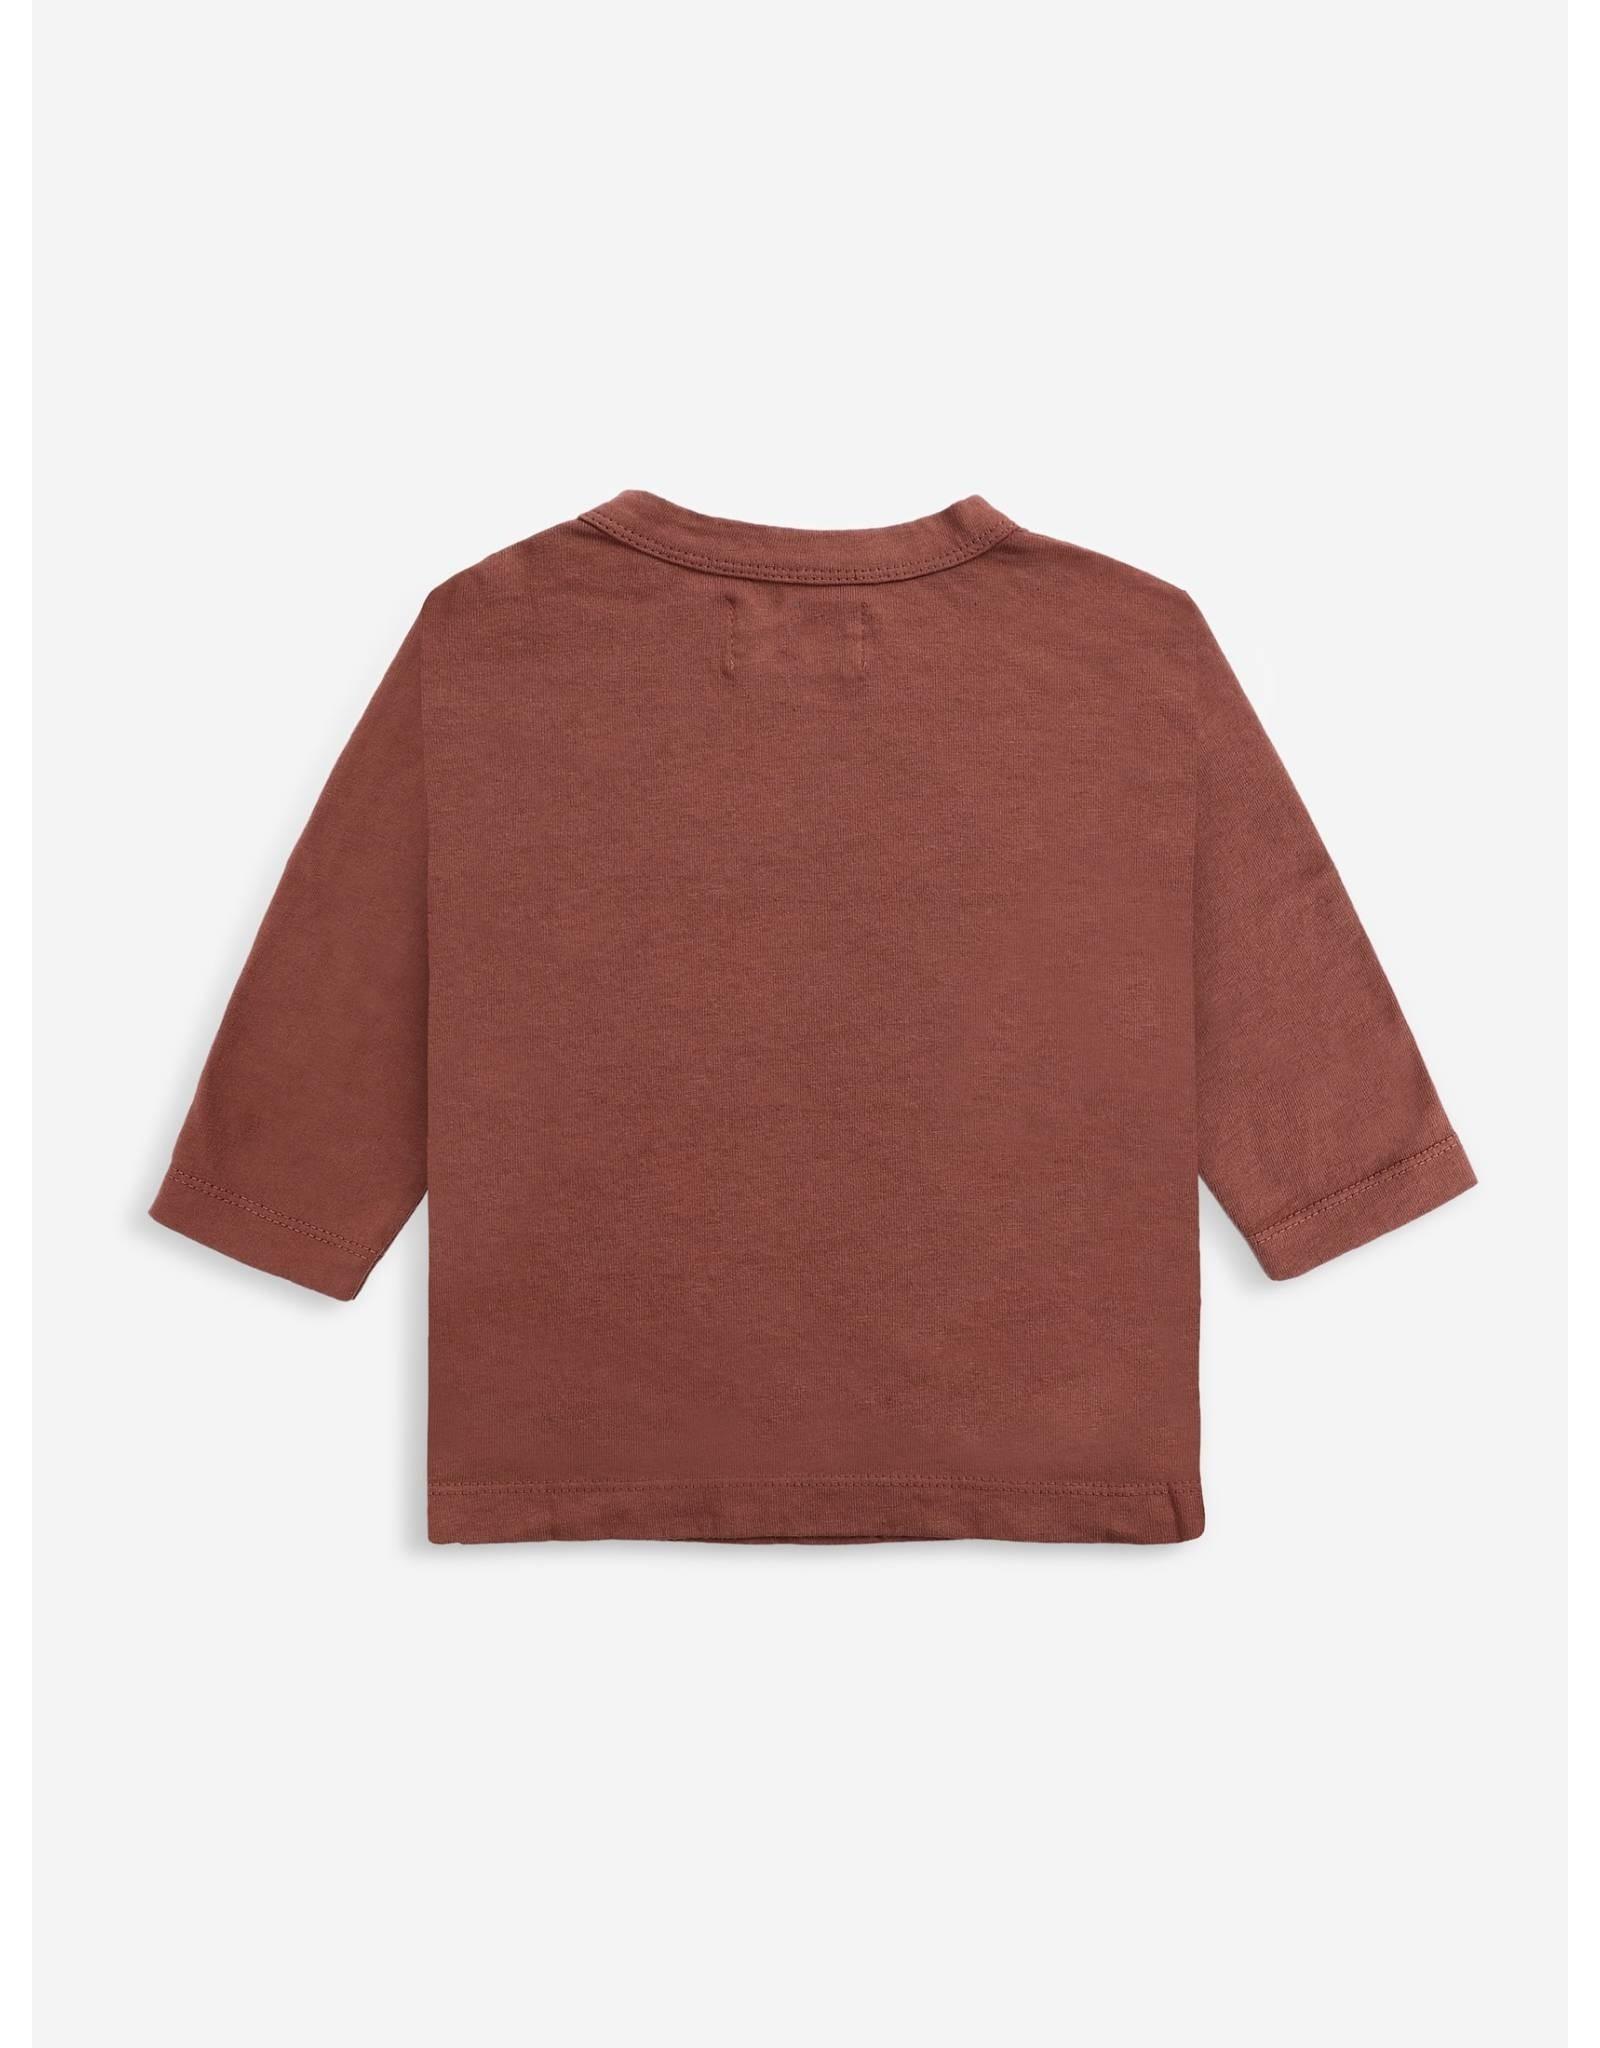 Bobo Choses Bobo Choses Fruits Long Sleeve T-shirt